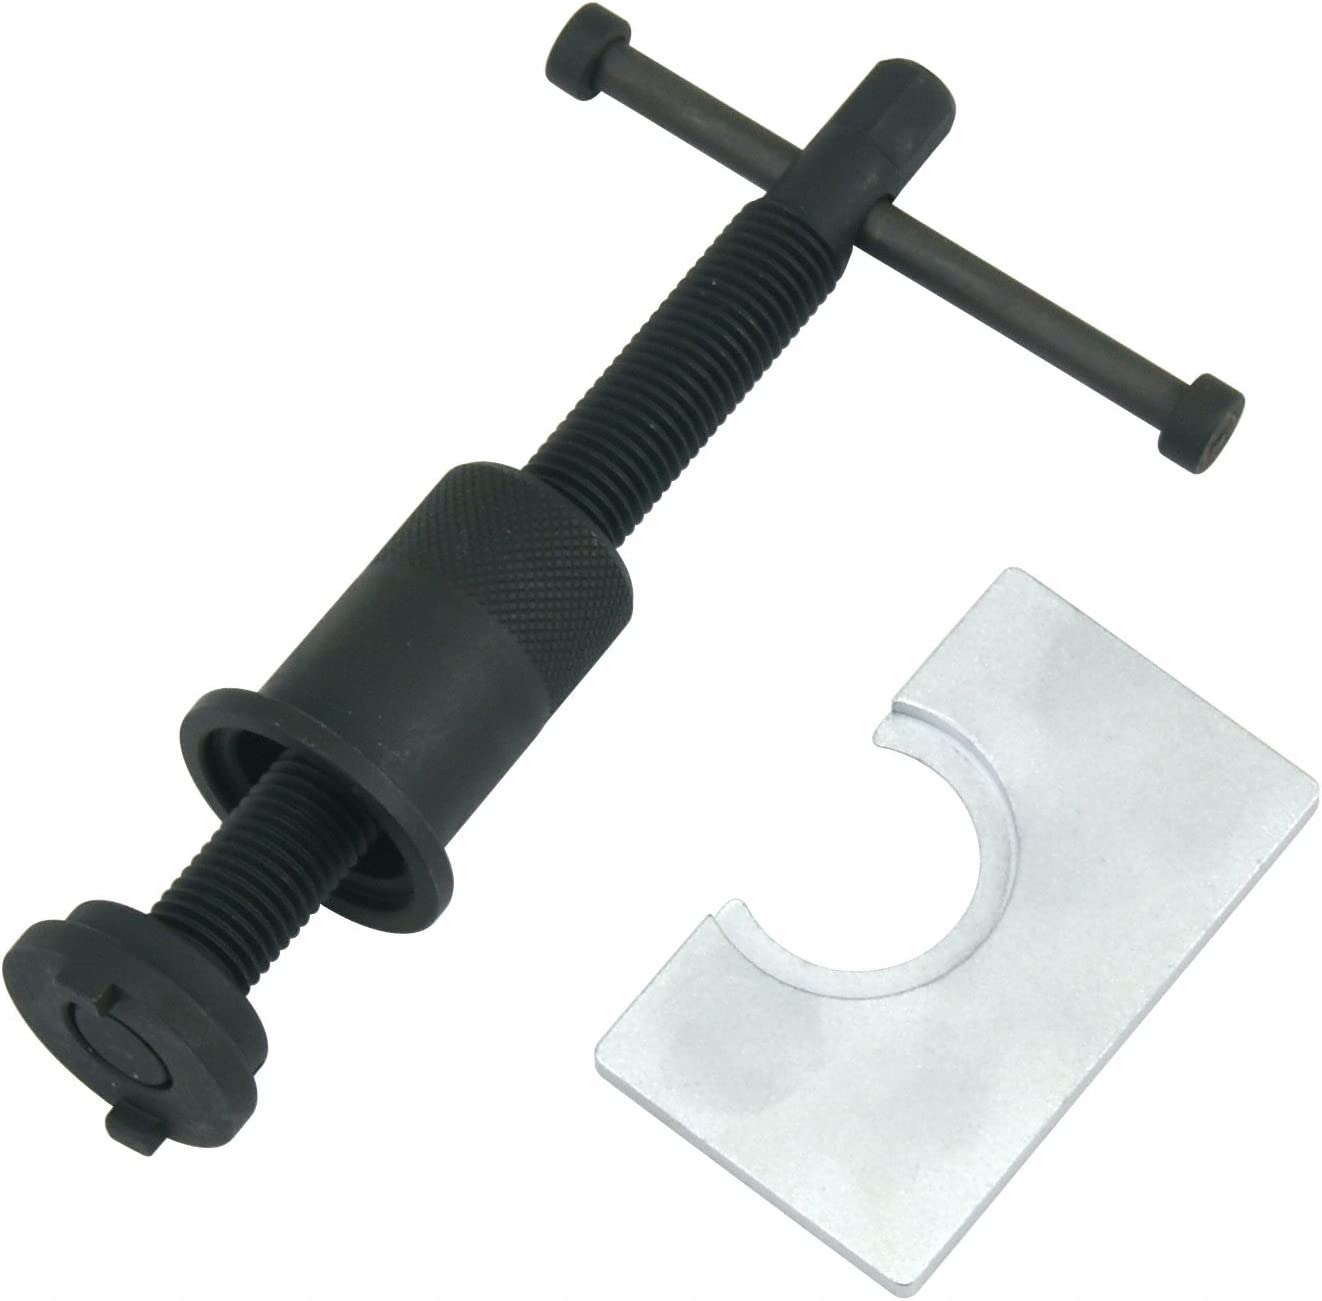 Bremskolbenr/ücksteller//Bremswerkzeuge Kolben R/ücksteller Bremskolbenr/ücksetzer f/ür viele VAG Typen und Modelle geeignet Bremsen-Instandsetzung Werkzeug